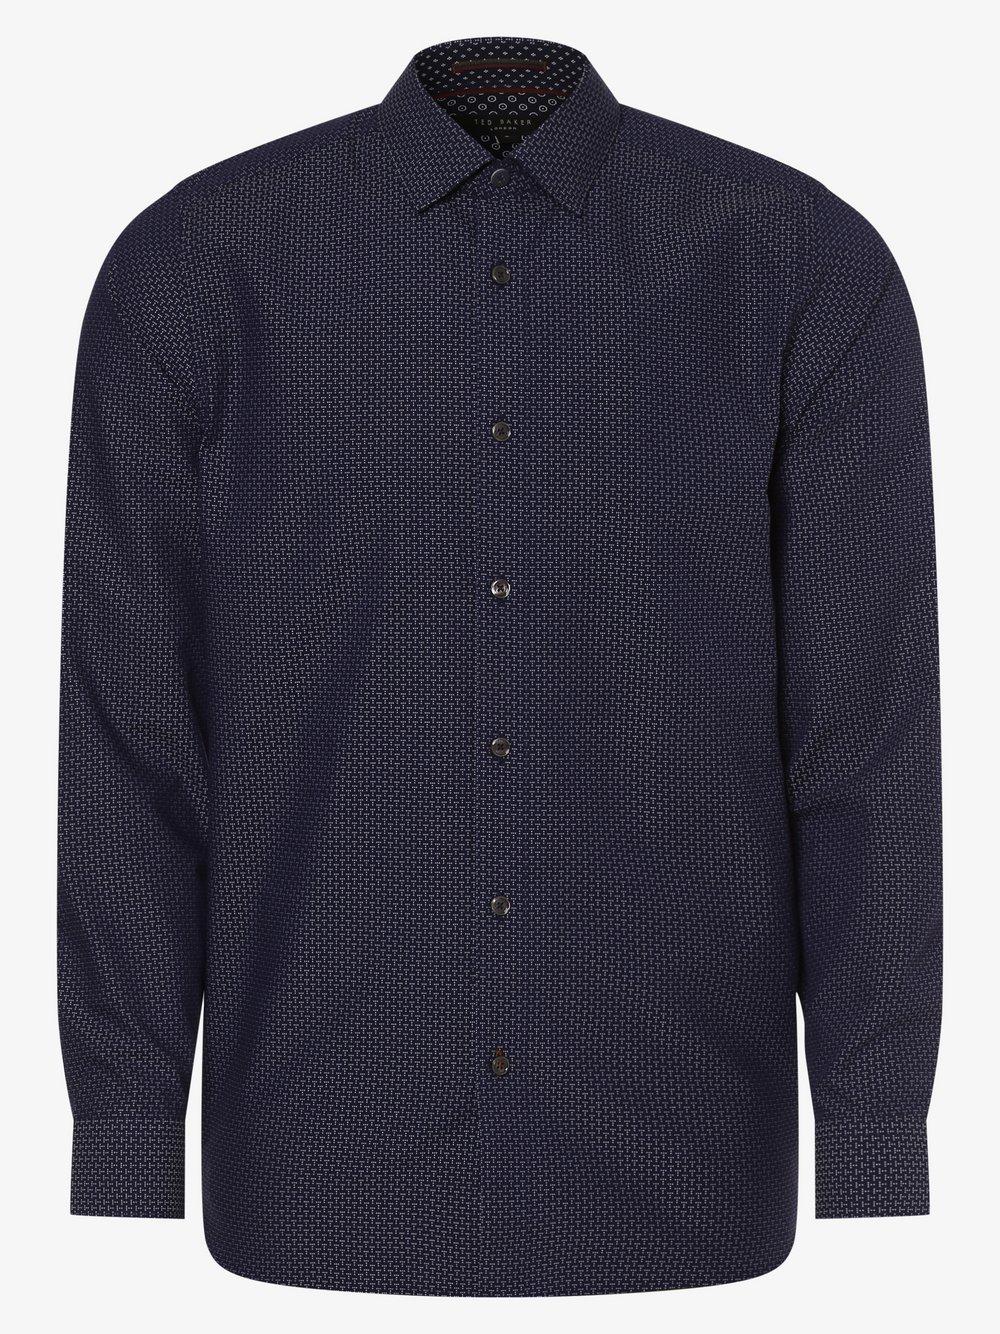 Ted Baker – Koszula męska – Andso, niebieski Van Graaf 456190-0001